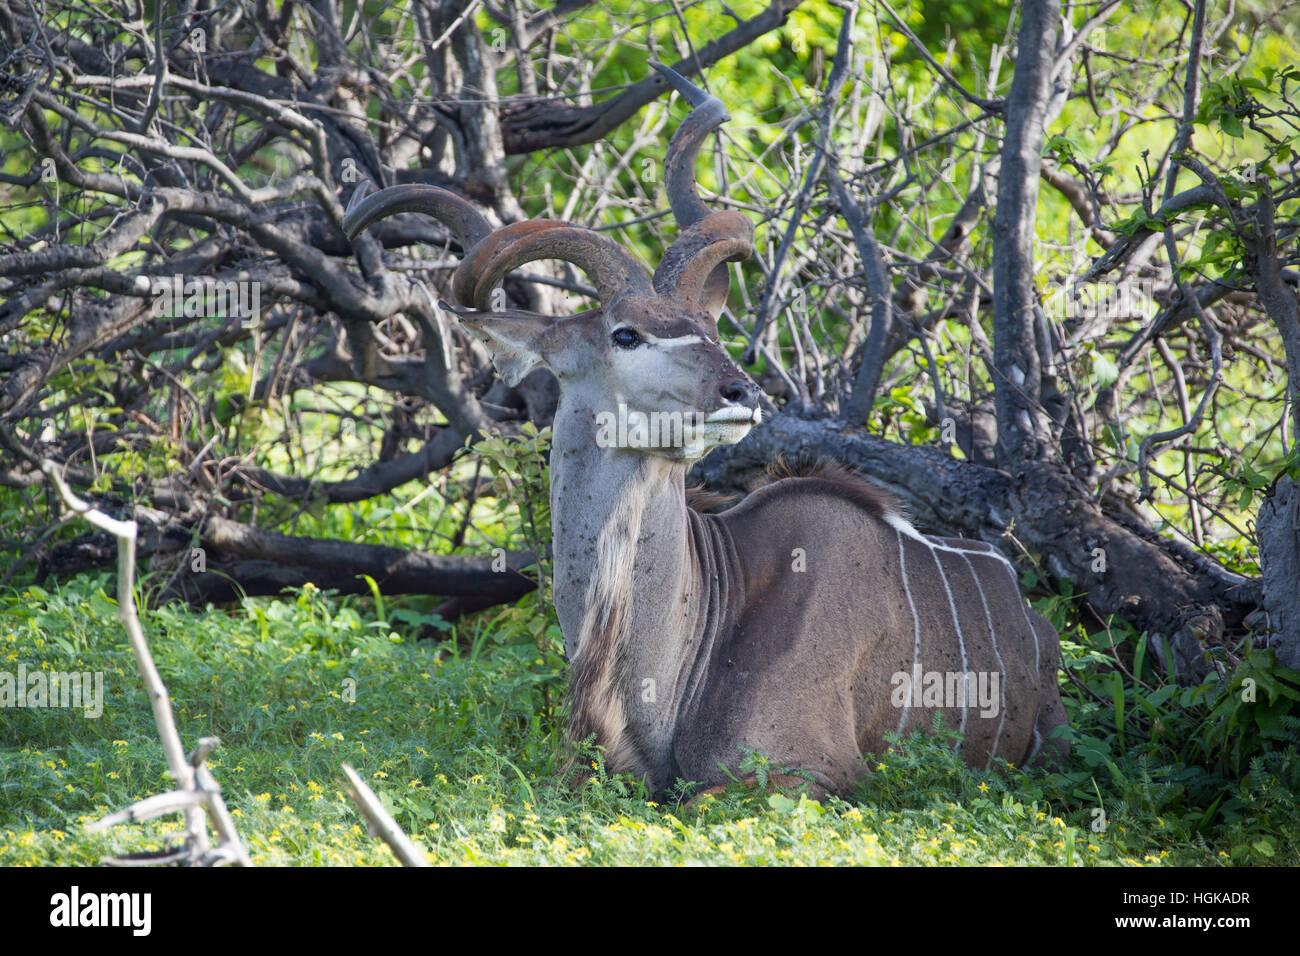 Greater Kudu, (Tragelaphus strepsiceros) Chobe National Park, Botswana, Africa - Stock Image